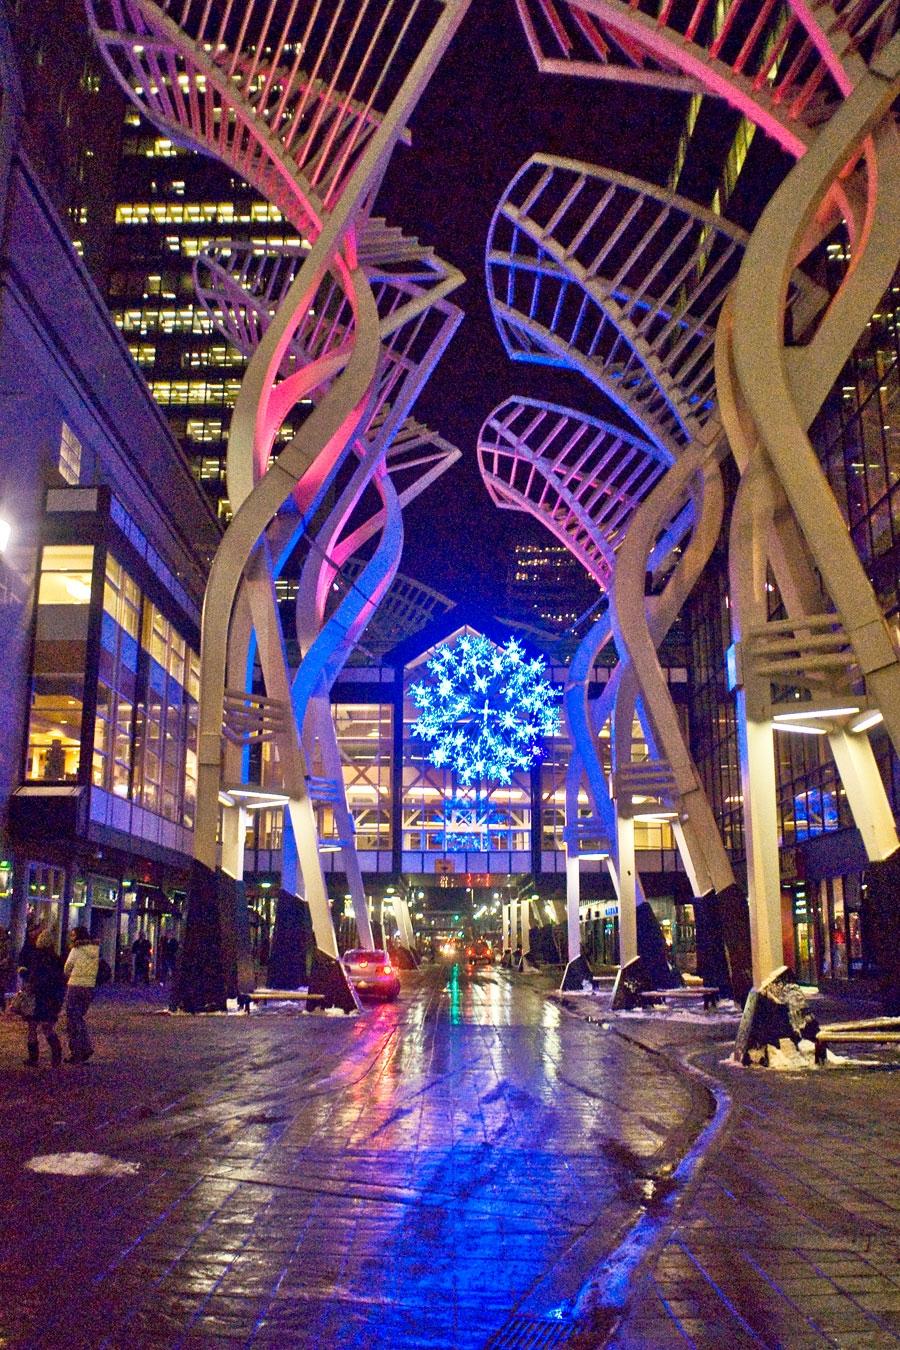 Galleria Trees, Calgary AB – Oct 16